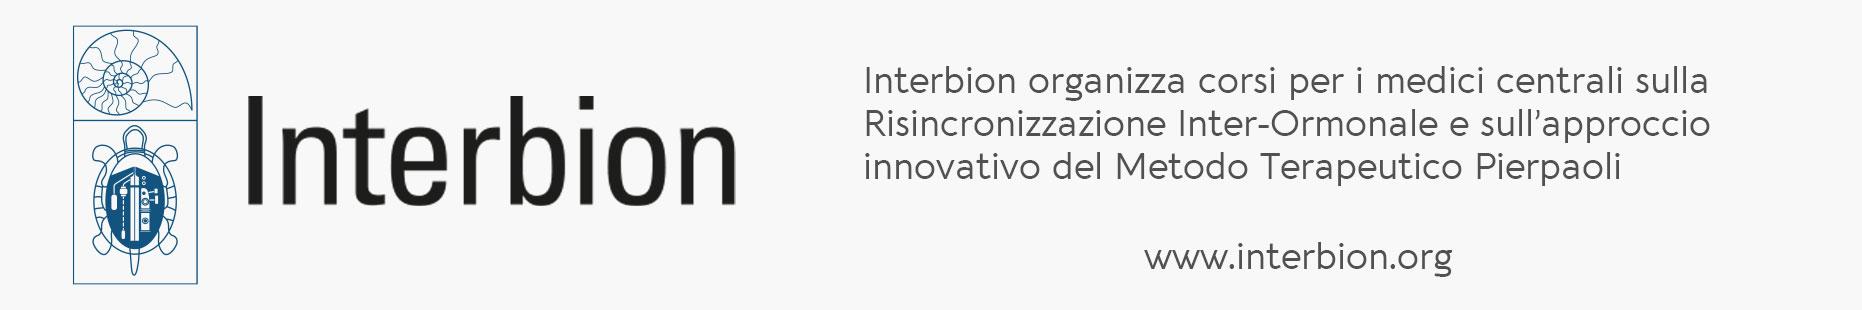 fondazione interbion